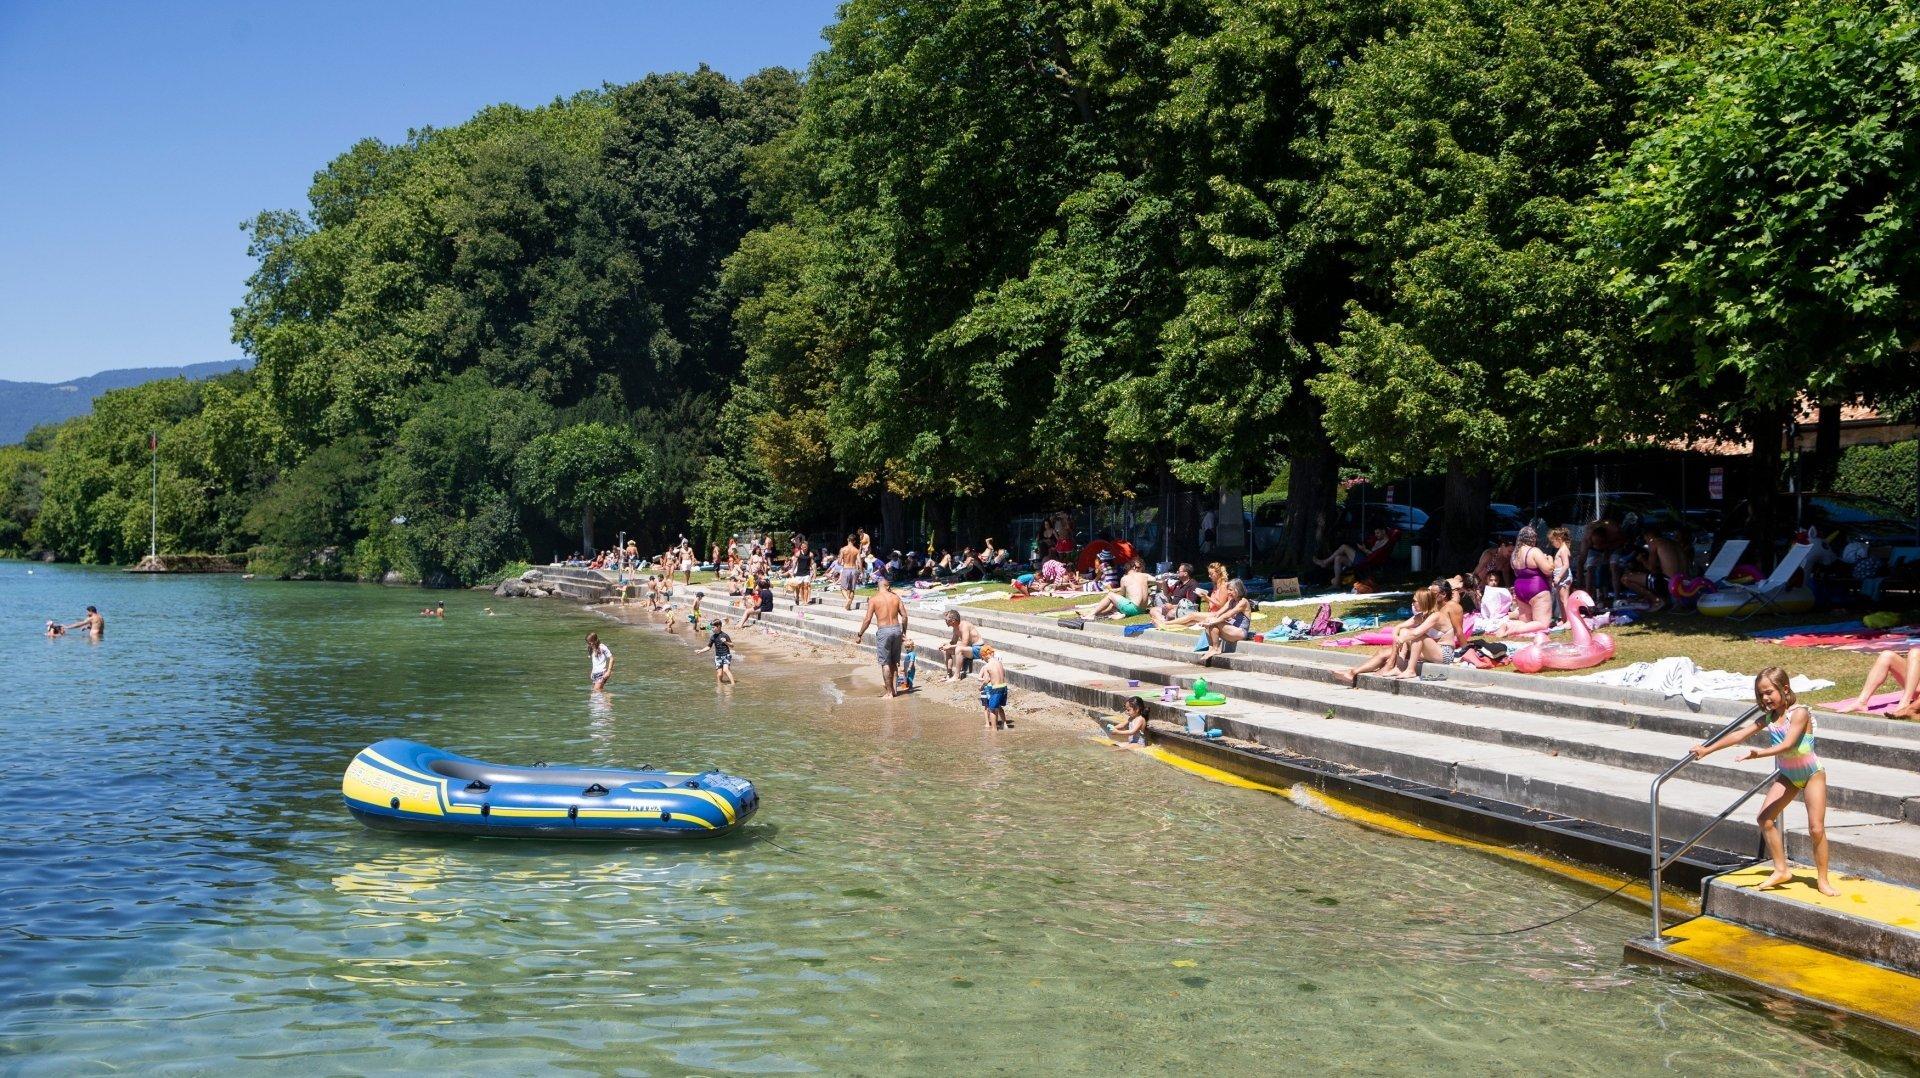 A Prangins, la gratuité de la plage n'est pas remise en cause